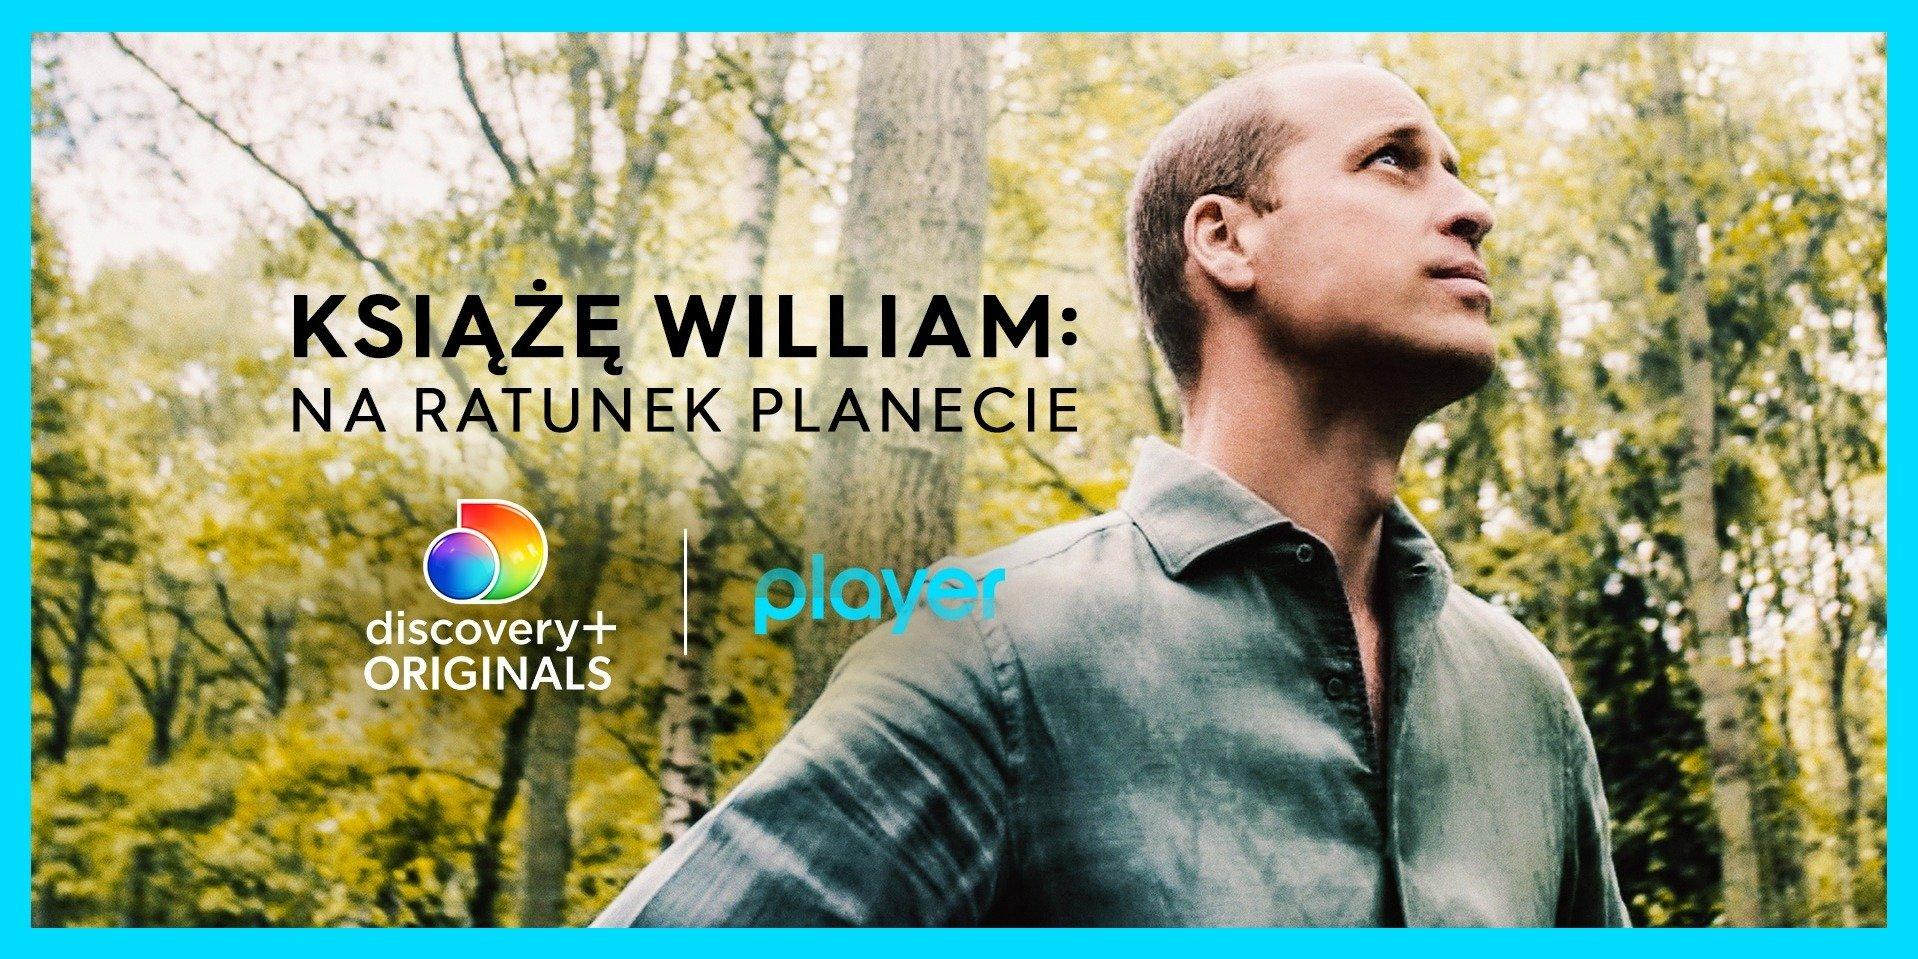 """Nowy dokument discovery+ Originals """"Książę William: Na ratunek planecie"""" dostępny na Playerze!"""